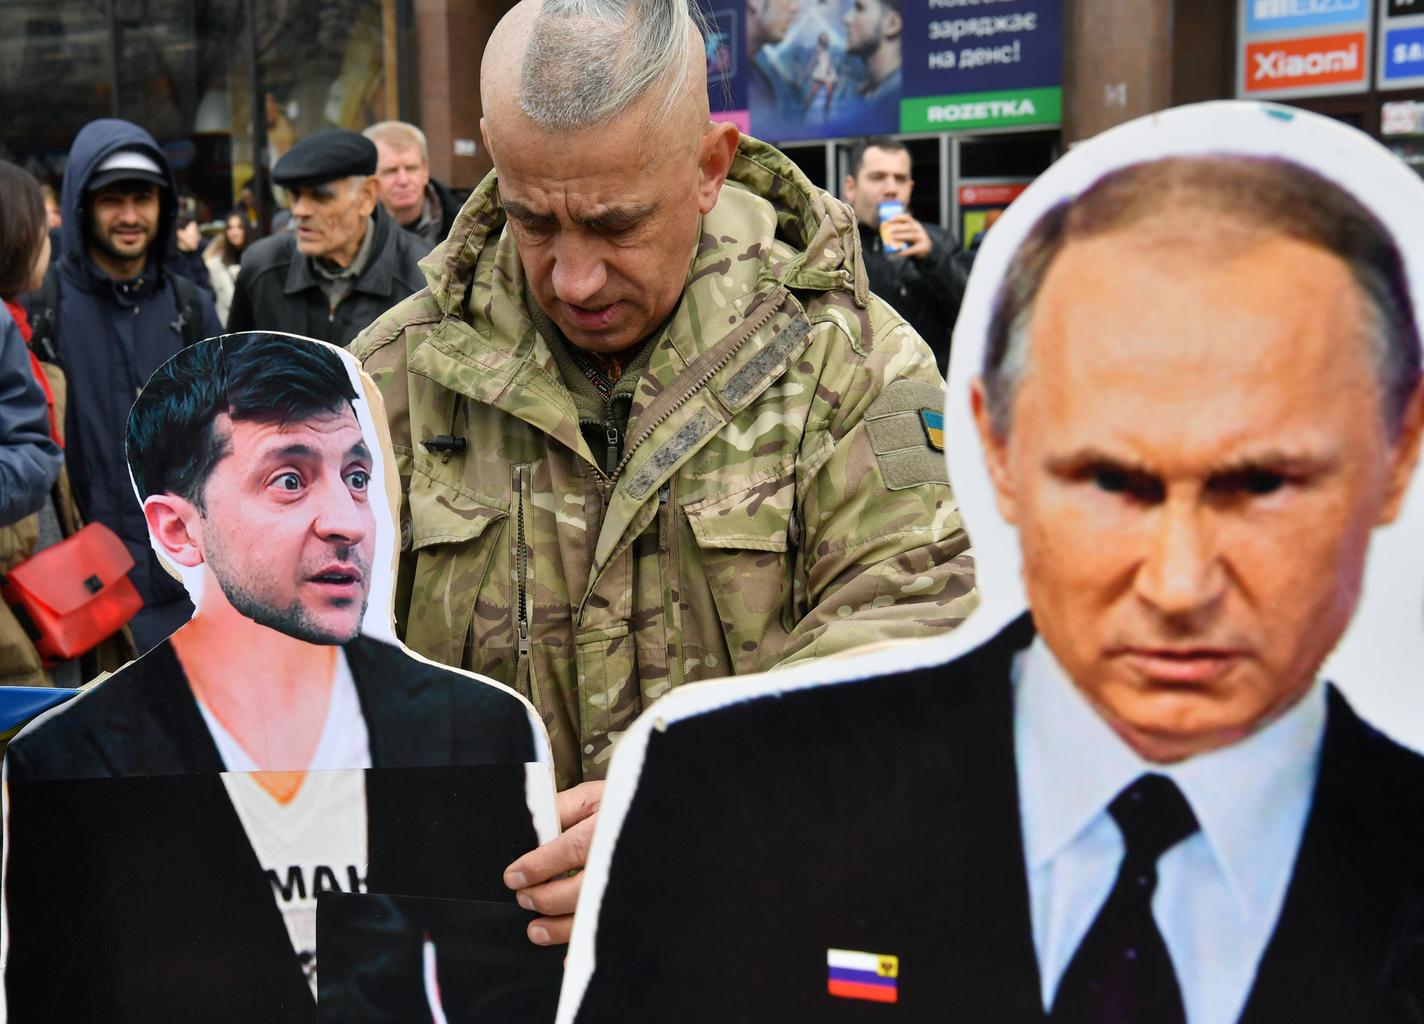 Egy tüntető Kijev központjában Zelenszkijt és Putyint ábrázoló papírfigurákkal, az ukrán elökválasztást megelőzően 2019. március 29-én #moszkvater